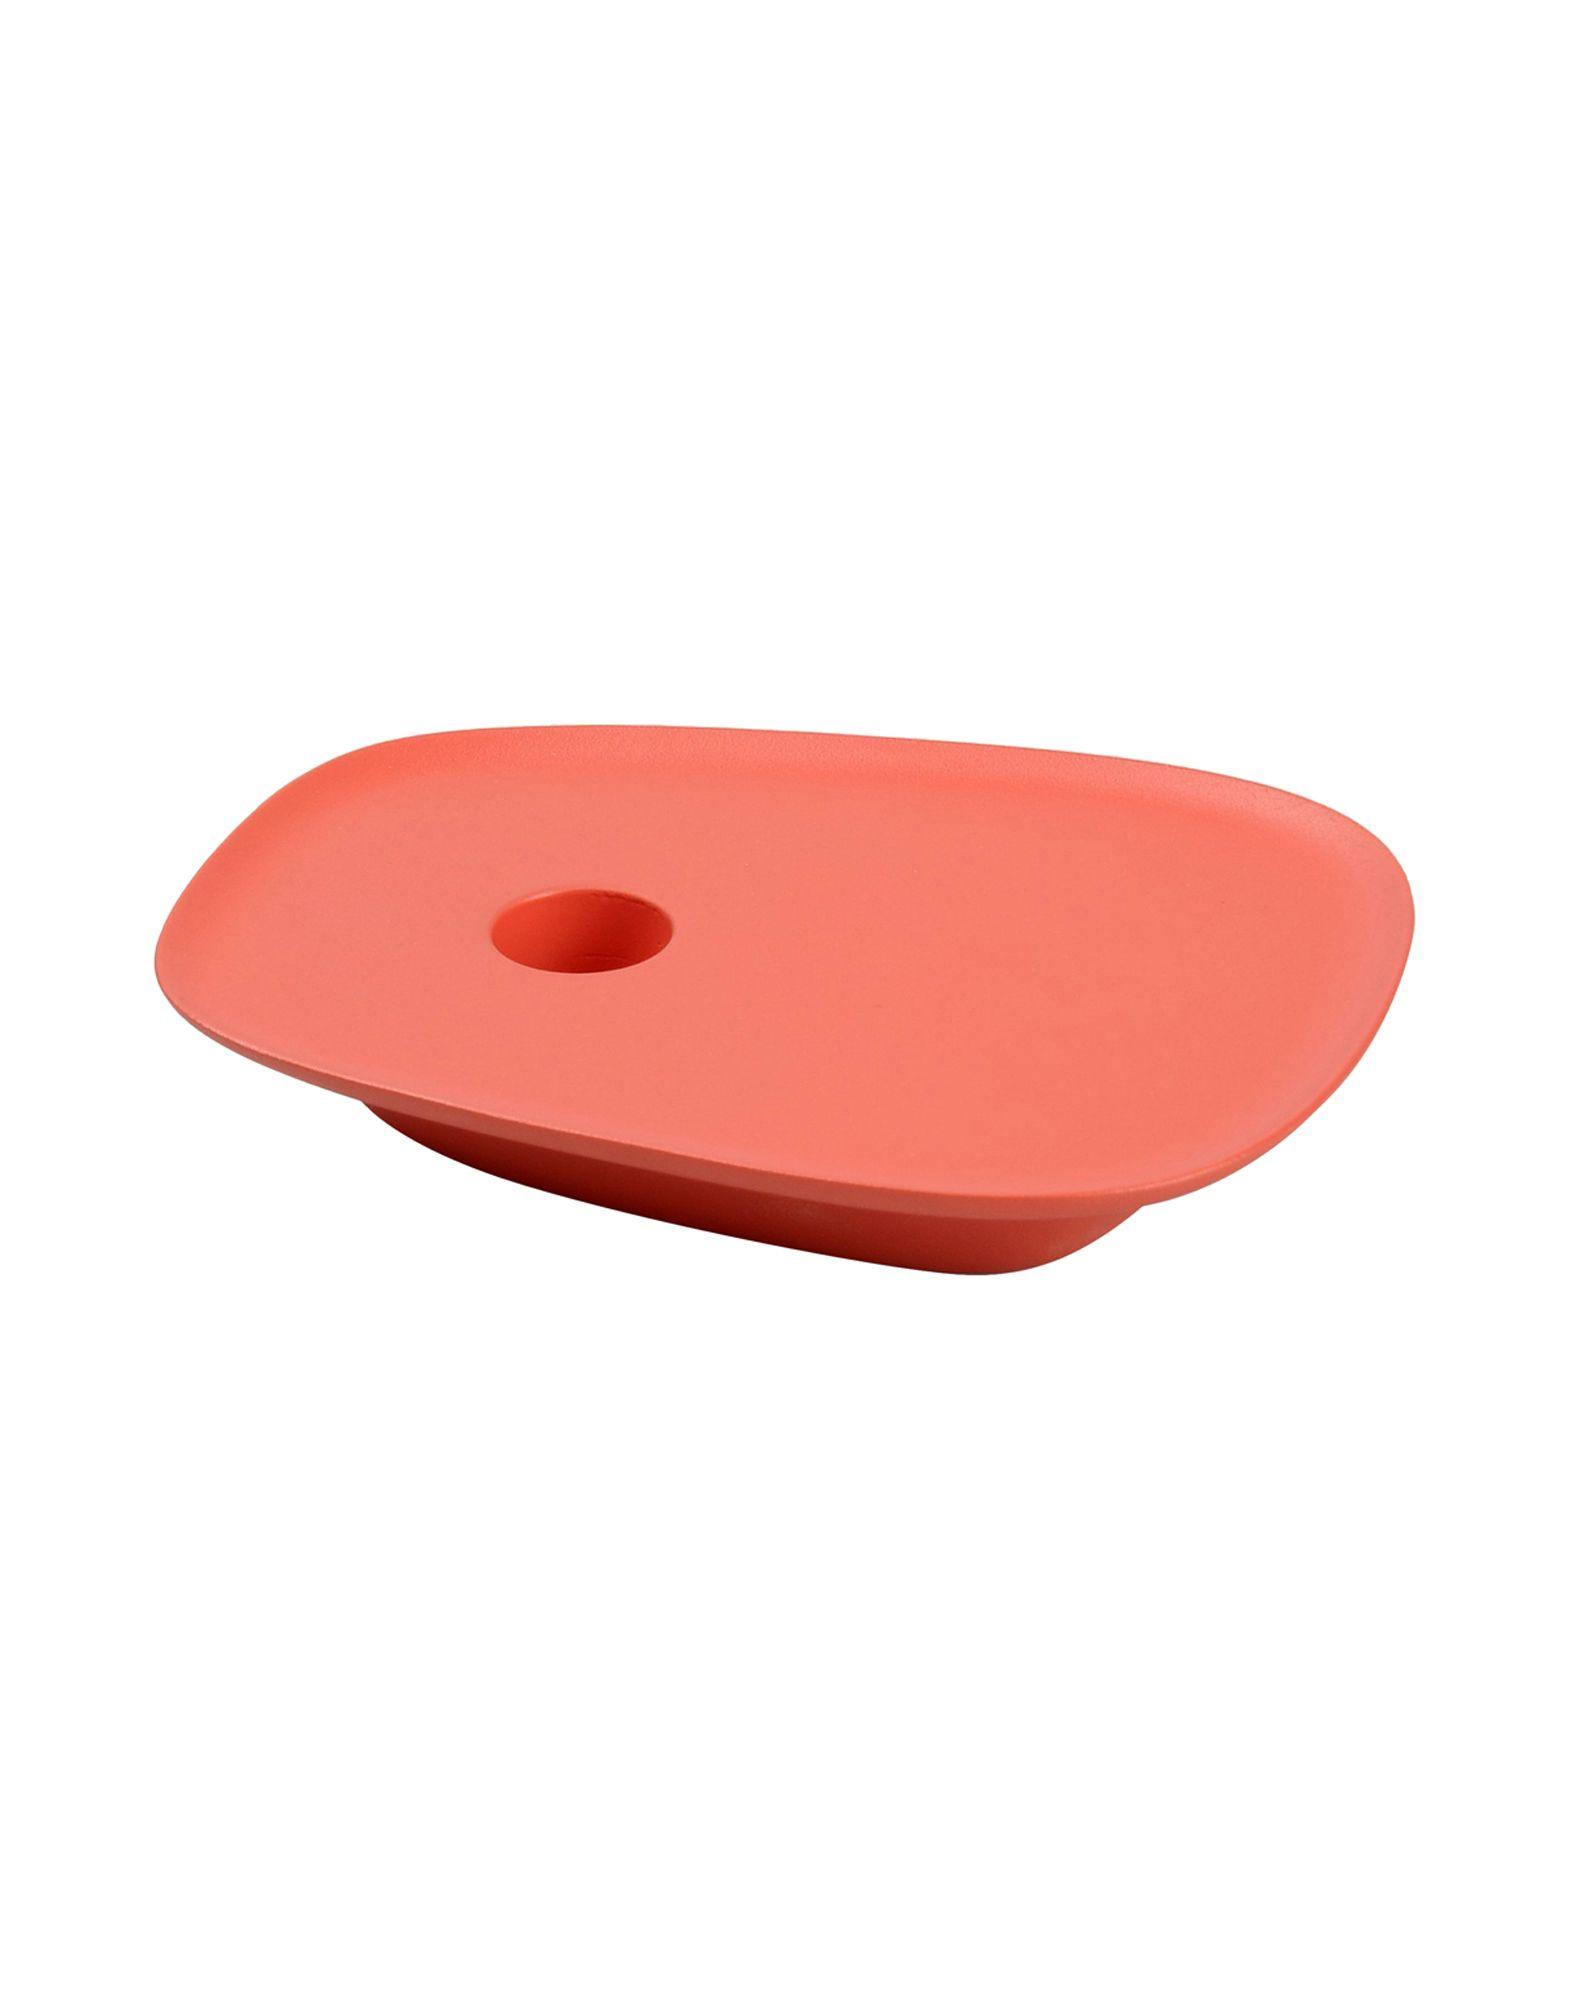 《送料無料》MUUTO Unisex キャンドルスタンド コーラル アルミニウム Float